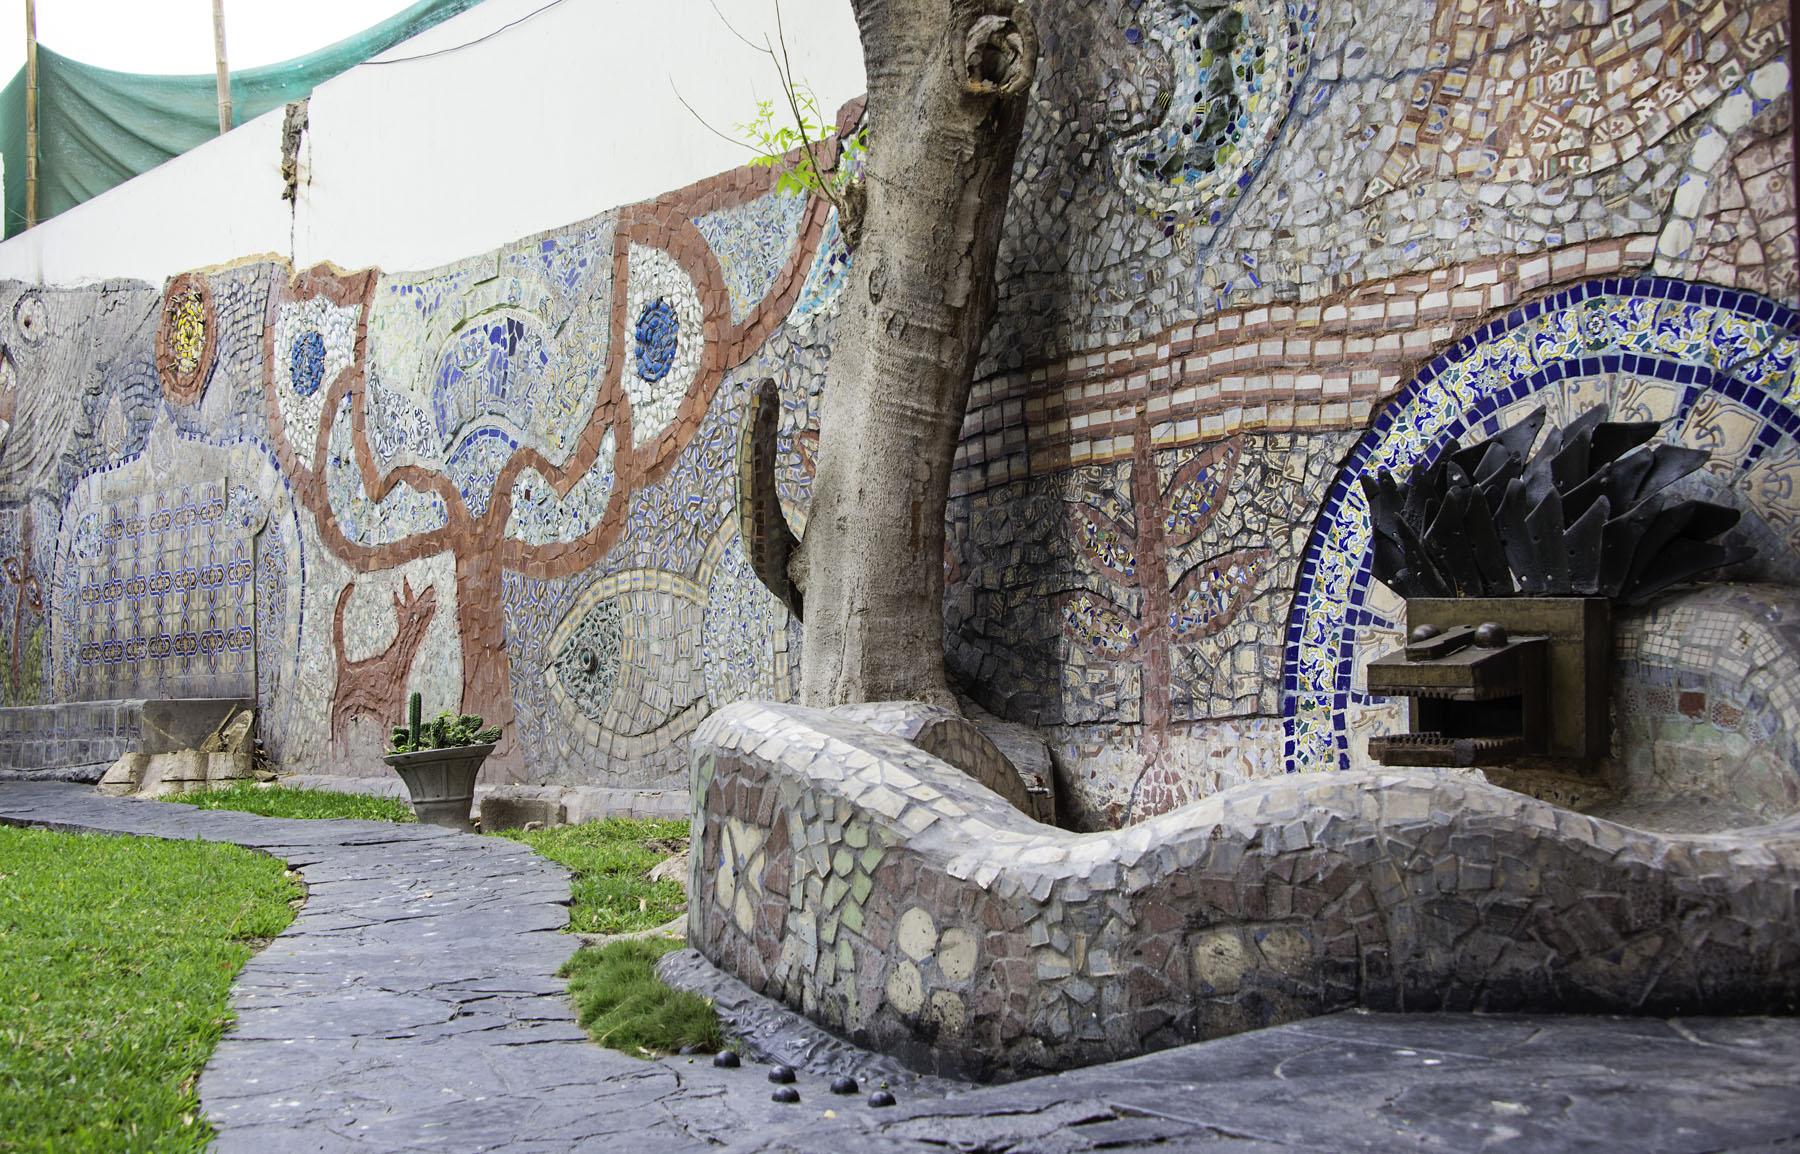 Mosaic Wall at Second Home Peru